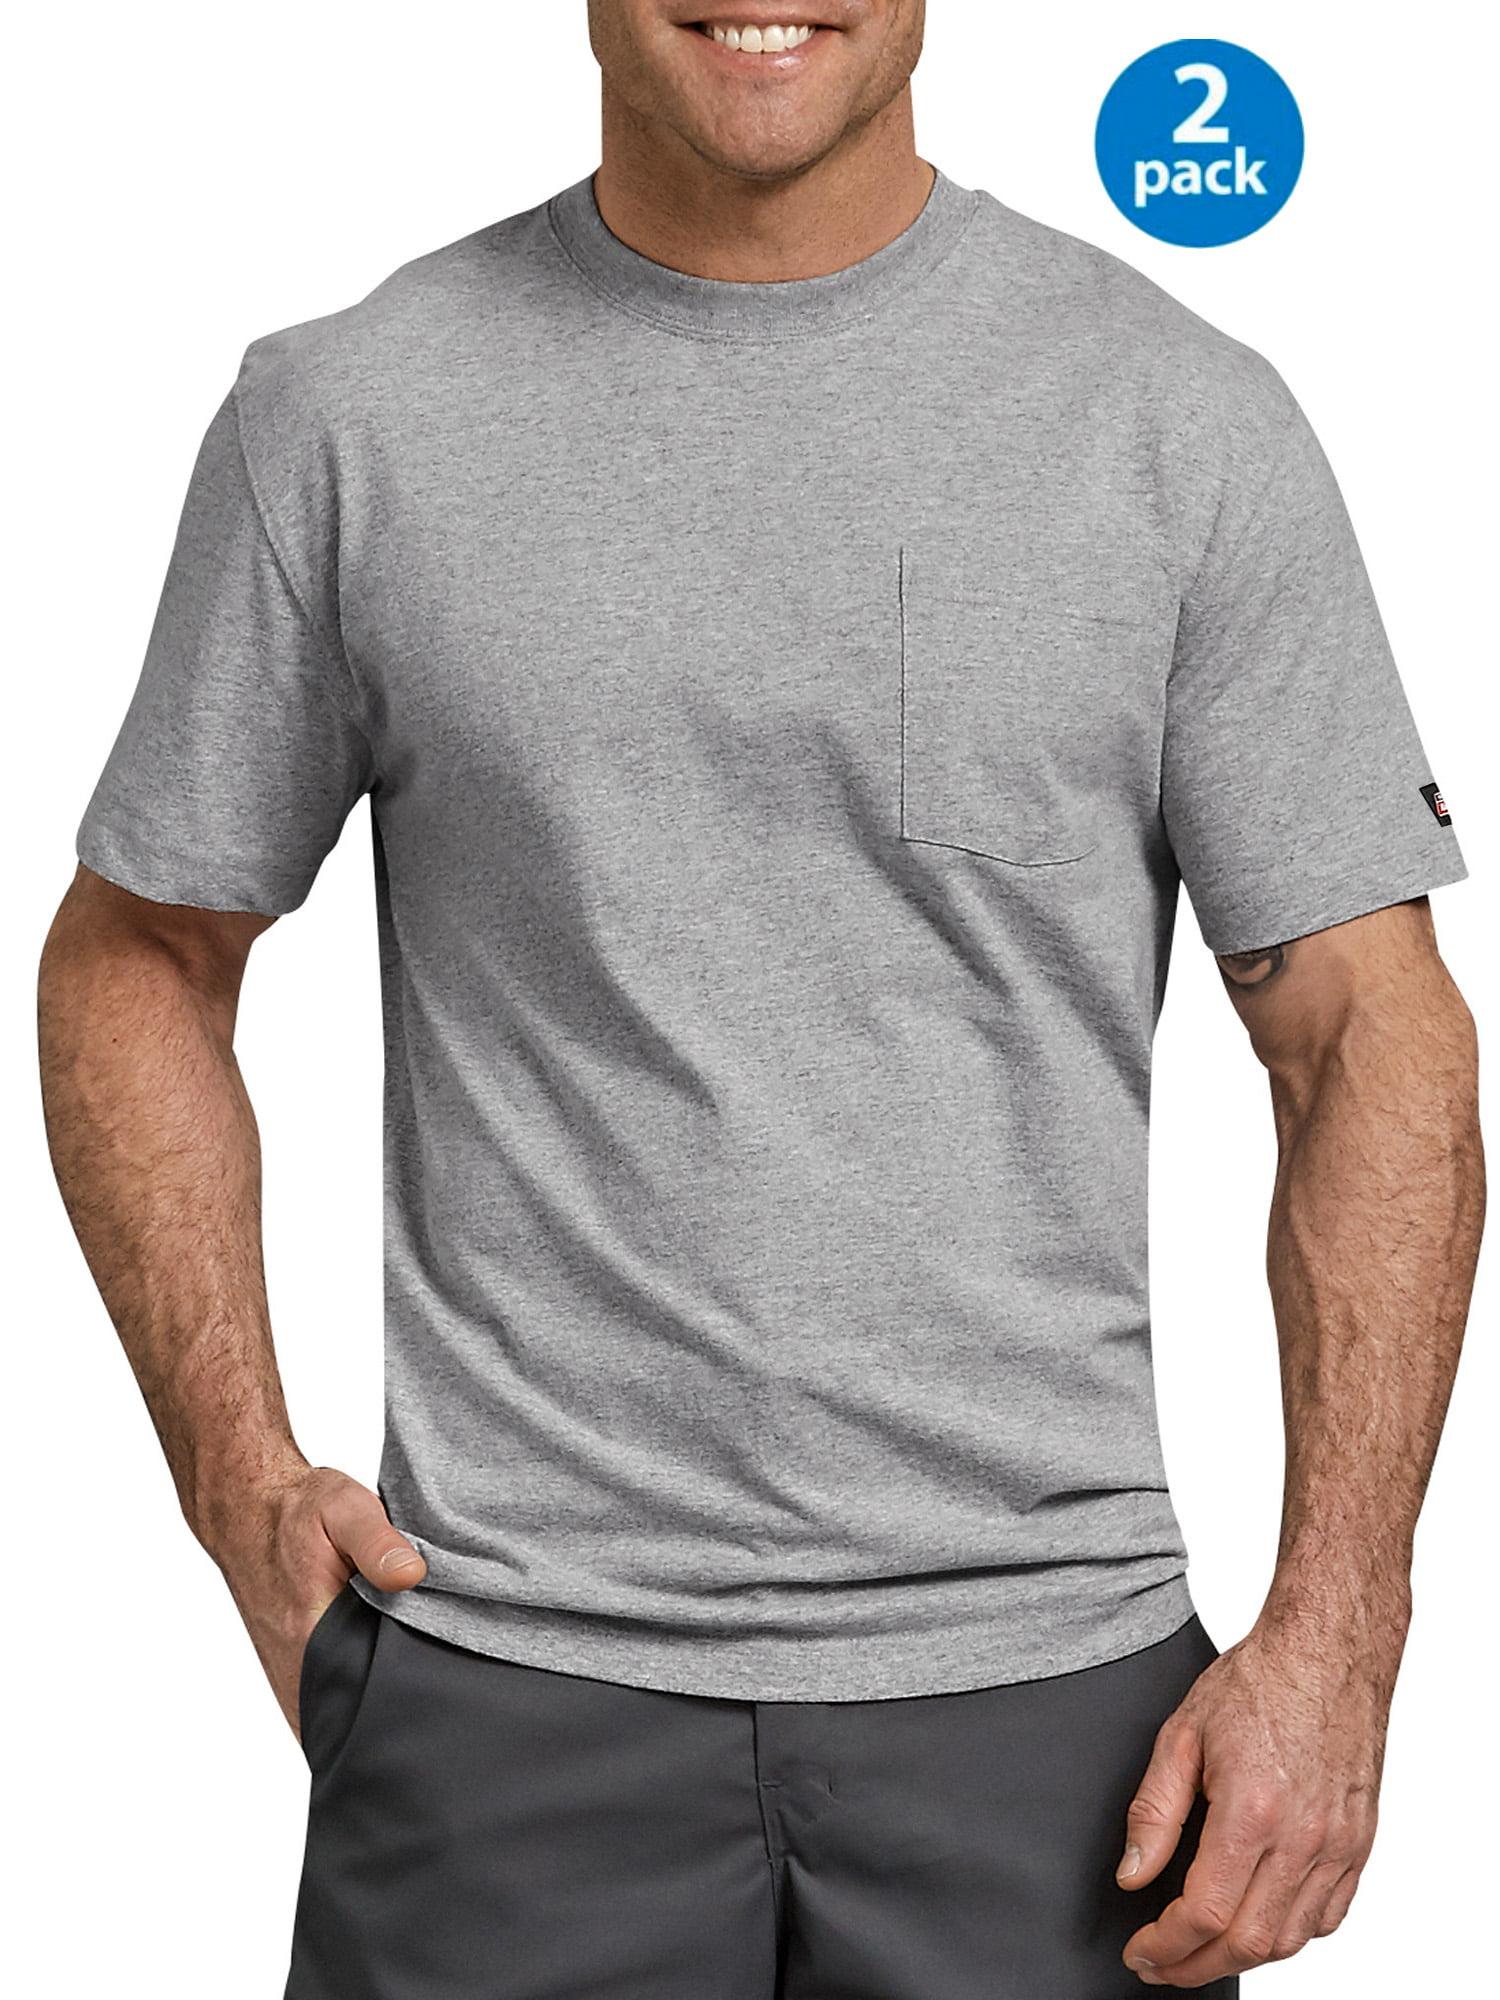 Men's Short Sleeve Heavyweight Pocket T-Shirt, 2-Pack